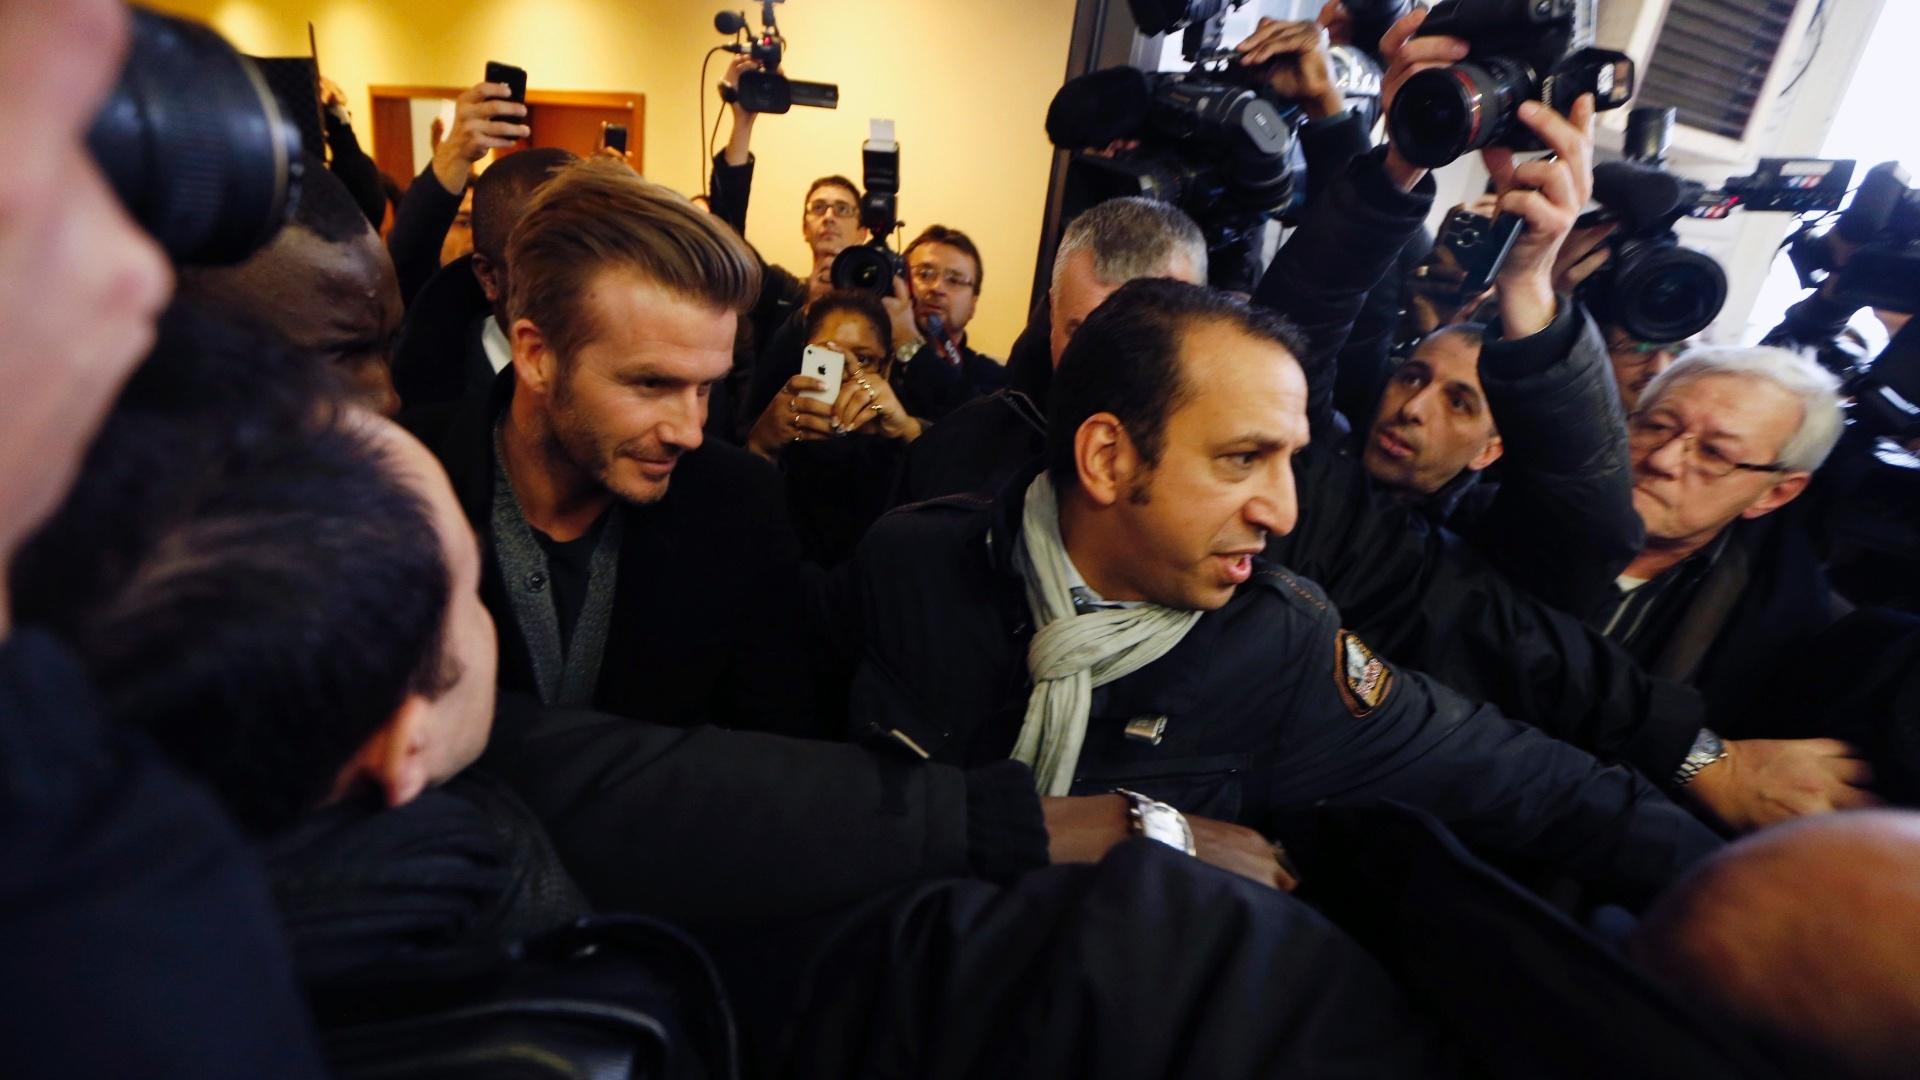 Torcedores, seguranças e jornalistas cercam Beckham no Hospital Pitié-Salpêtrière